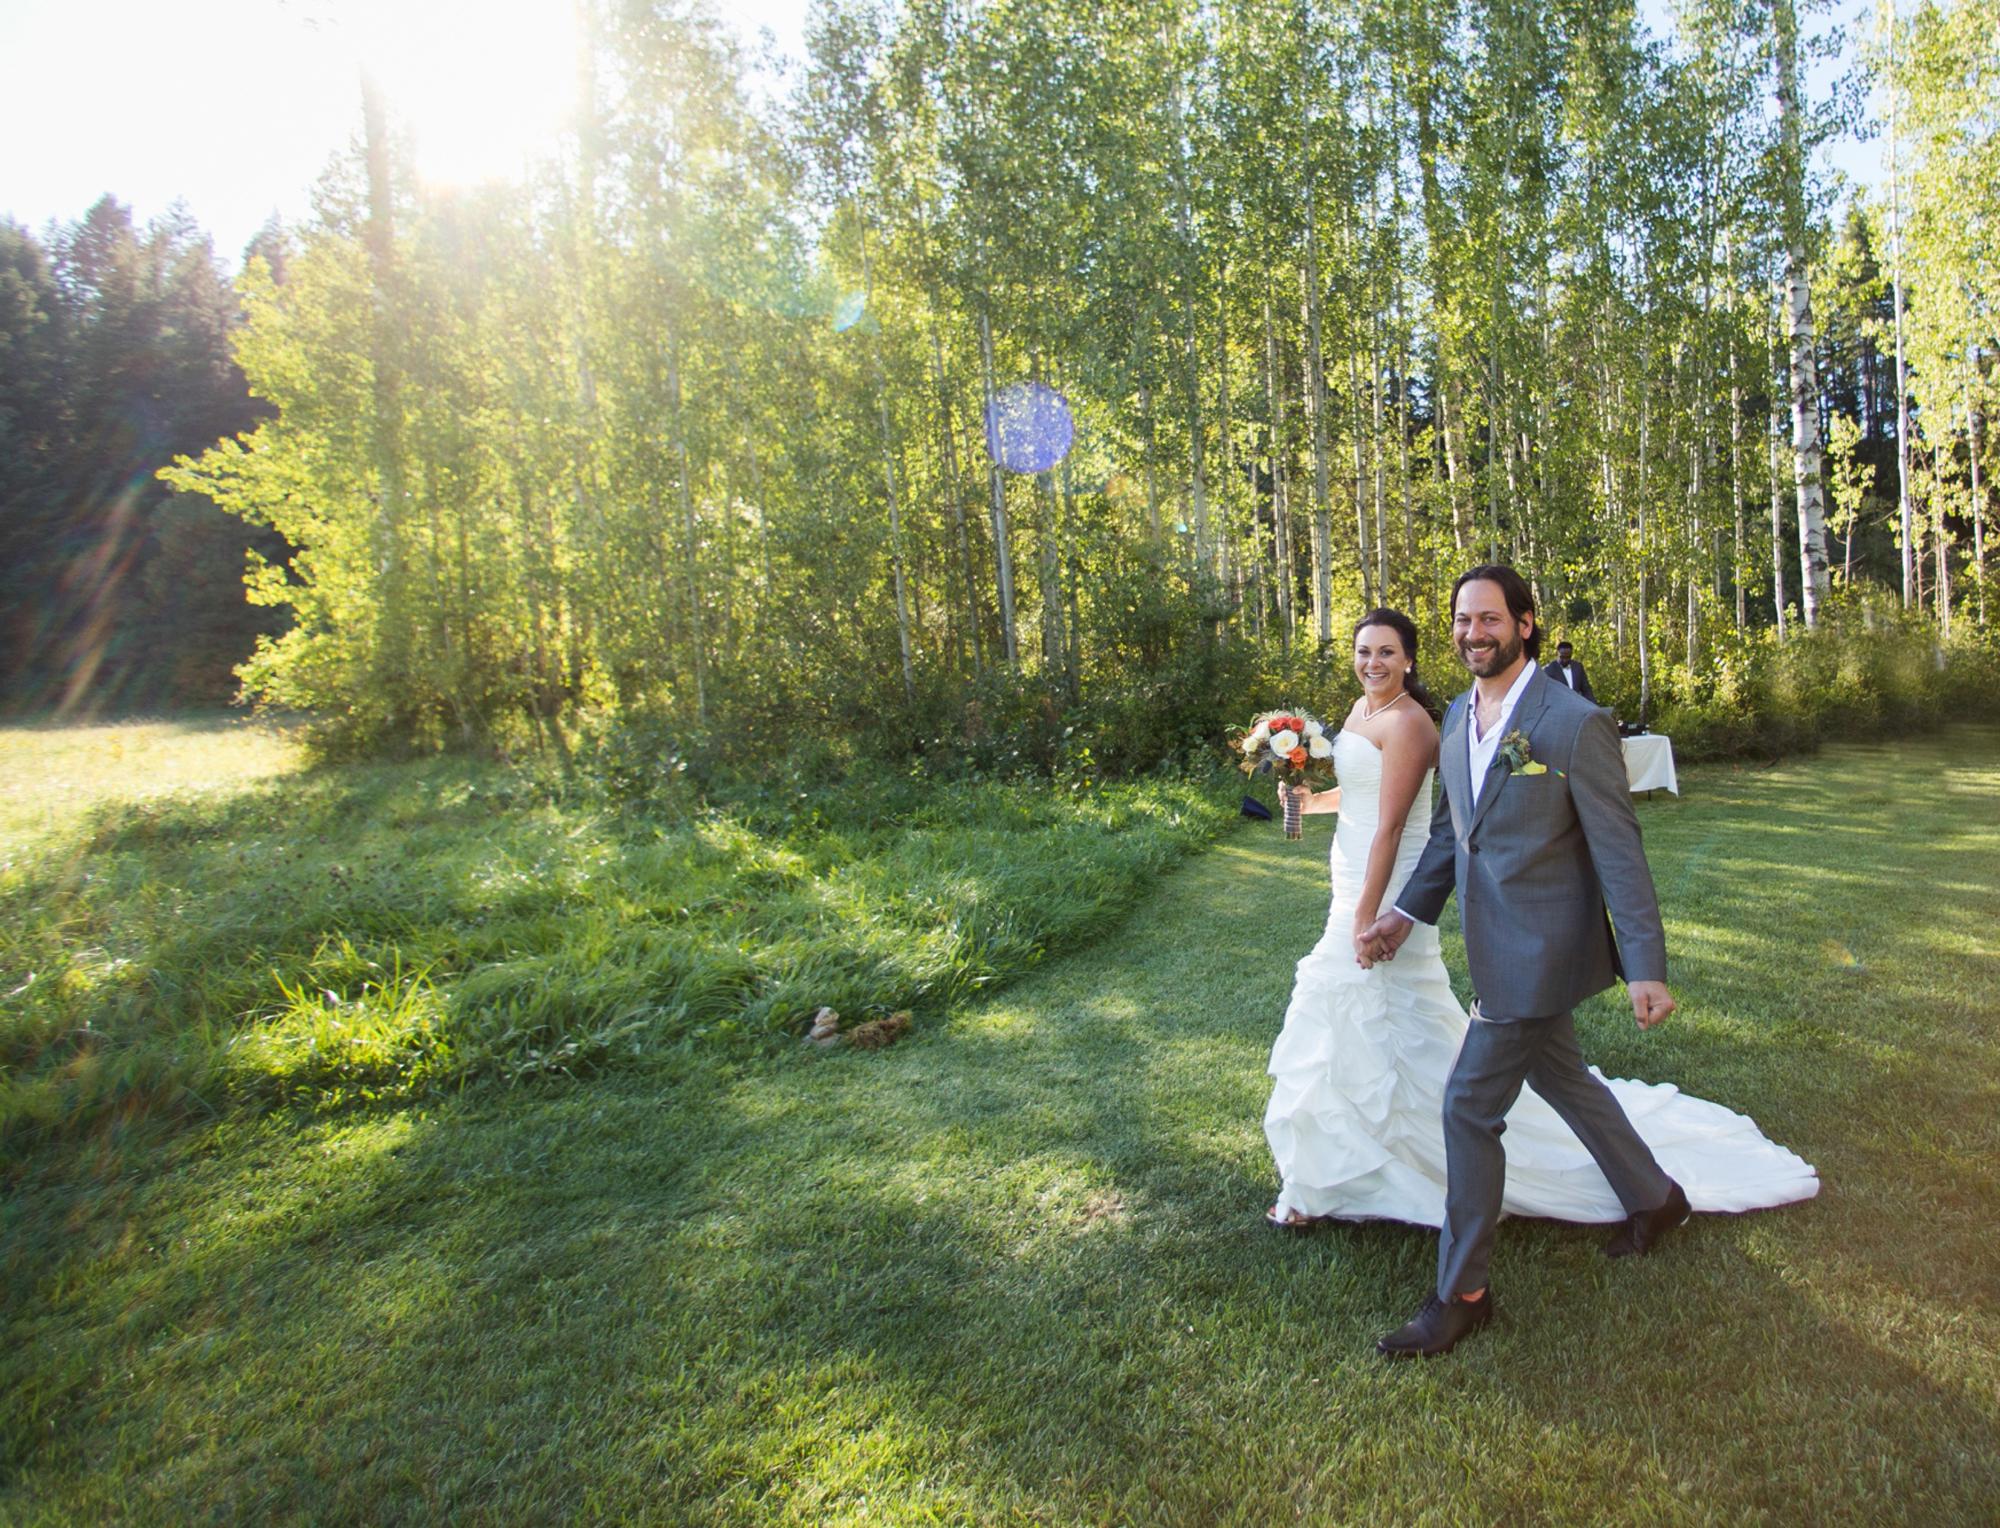 ashley vos photography seattle tacoma area wedding photographer_0824.jpg